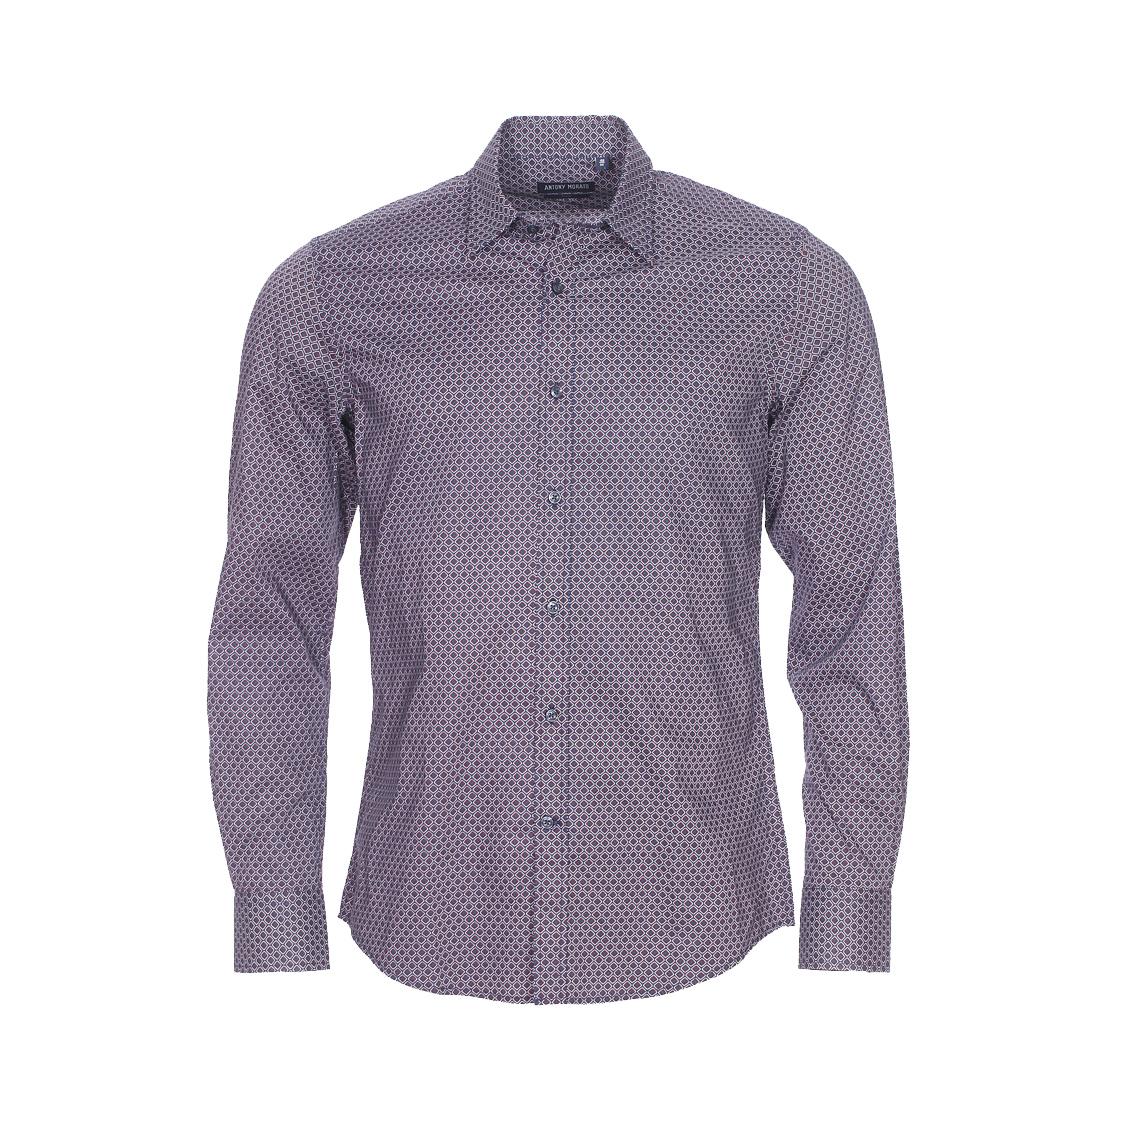 Chemise cintrée  en coton bleu marine à losanges blancs et rouges